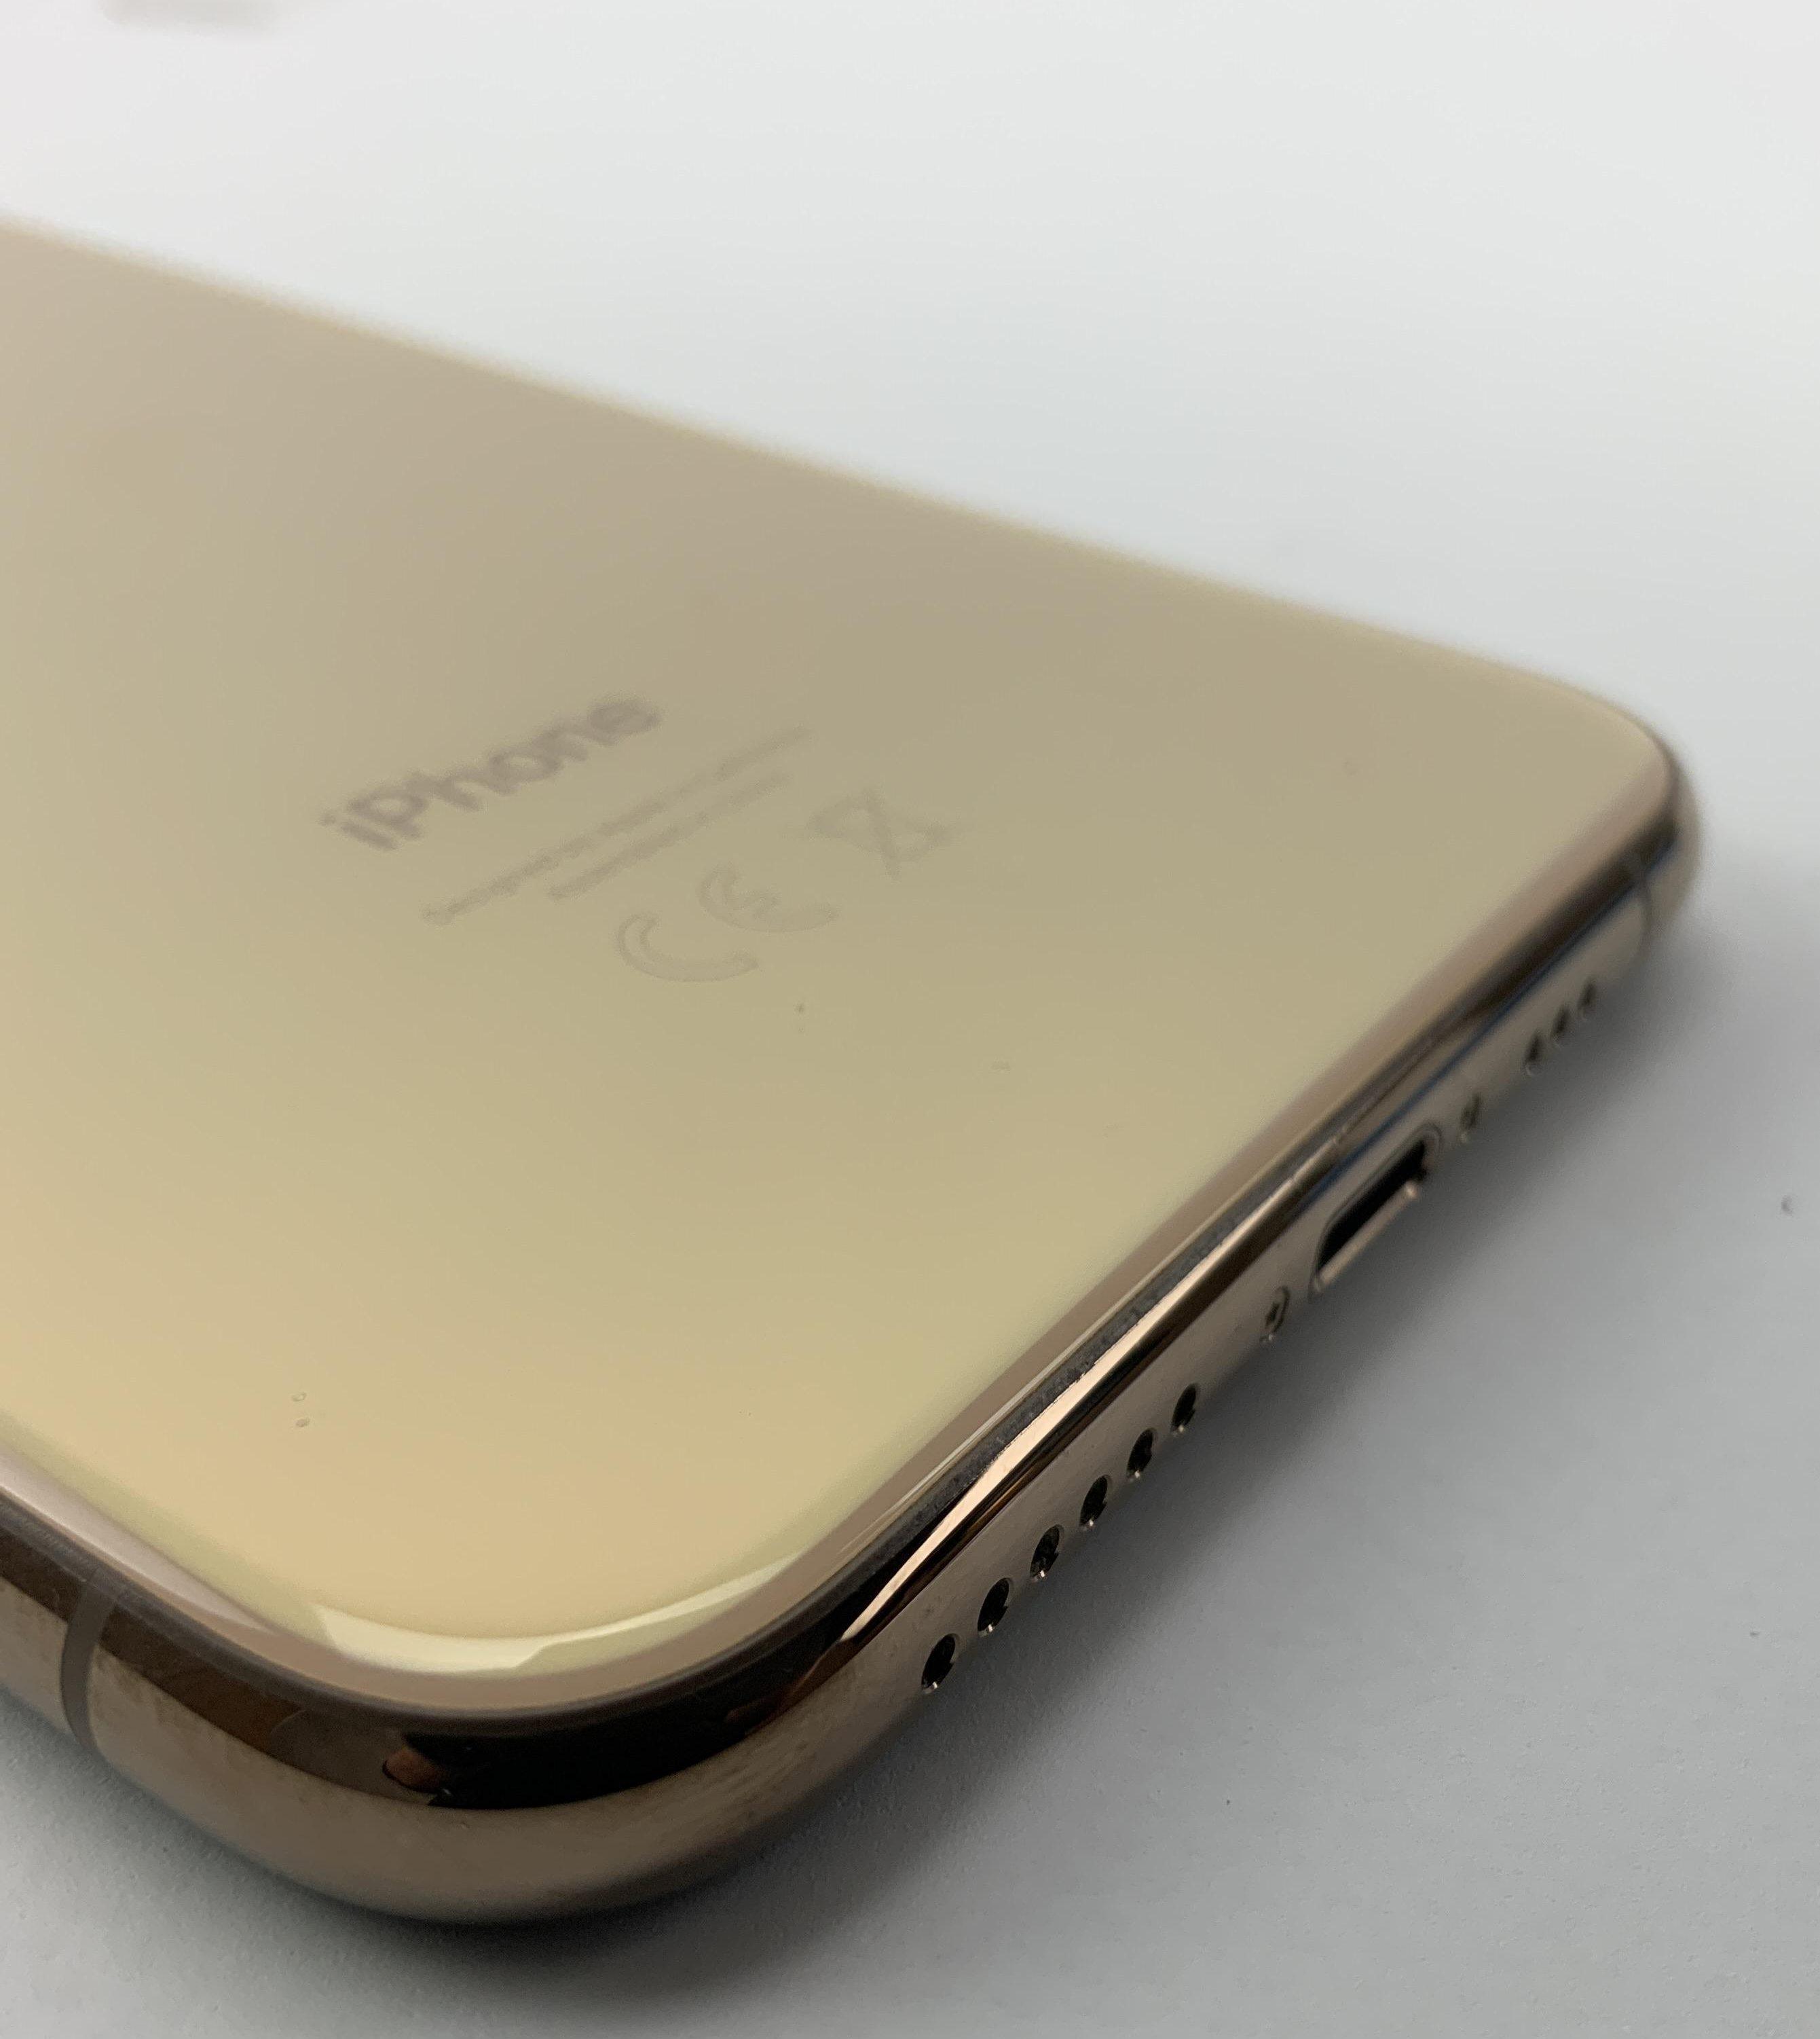 iPhone XS 64GB, 64GB, Gold, image 2